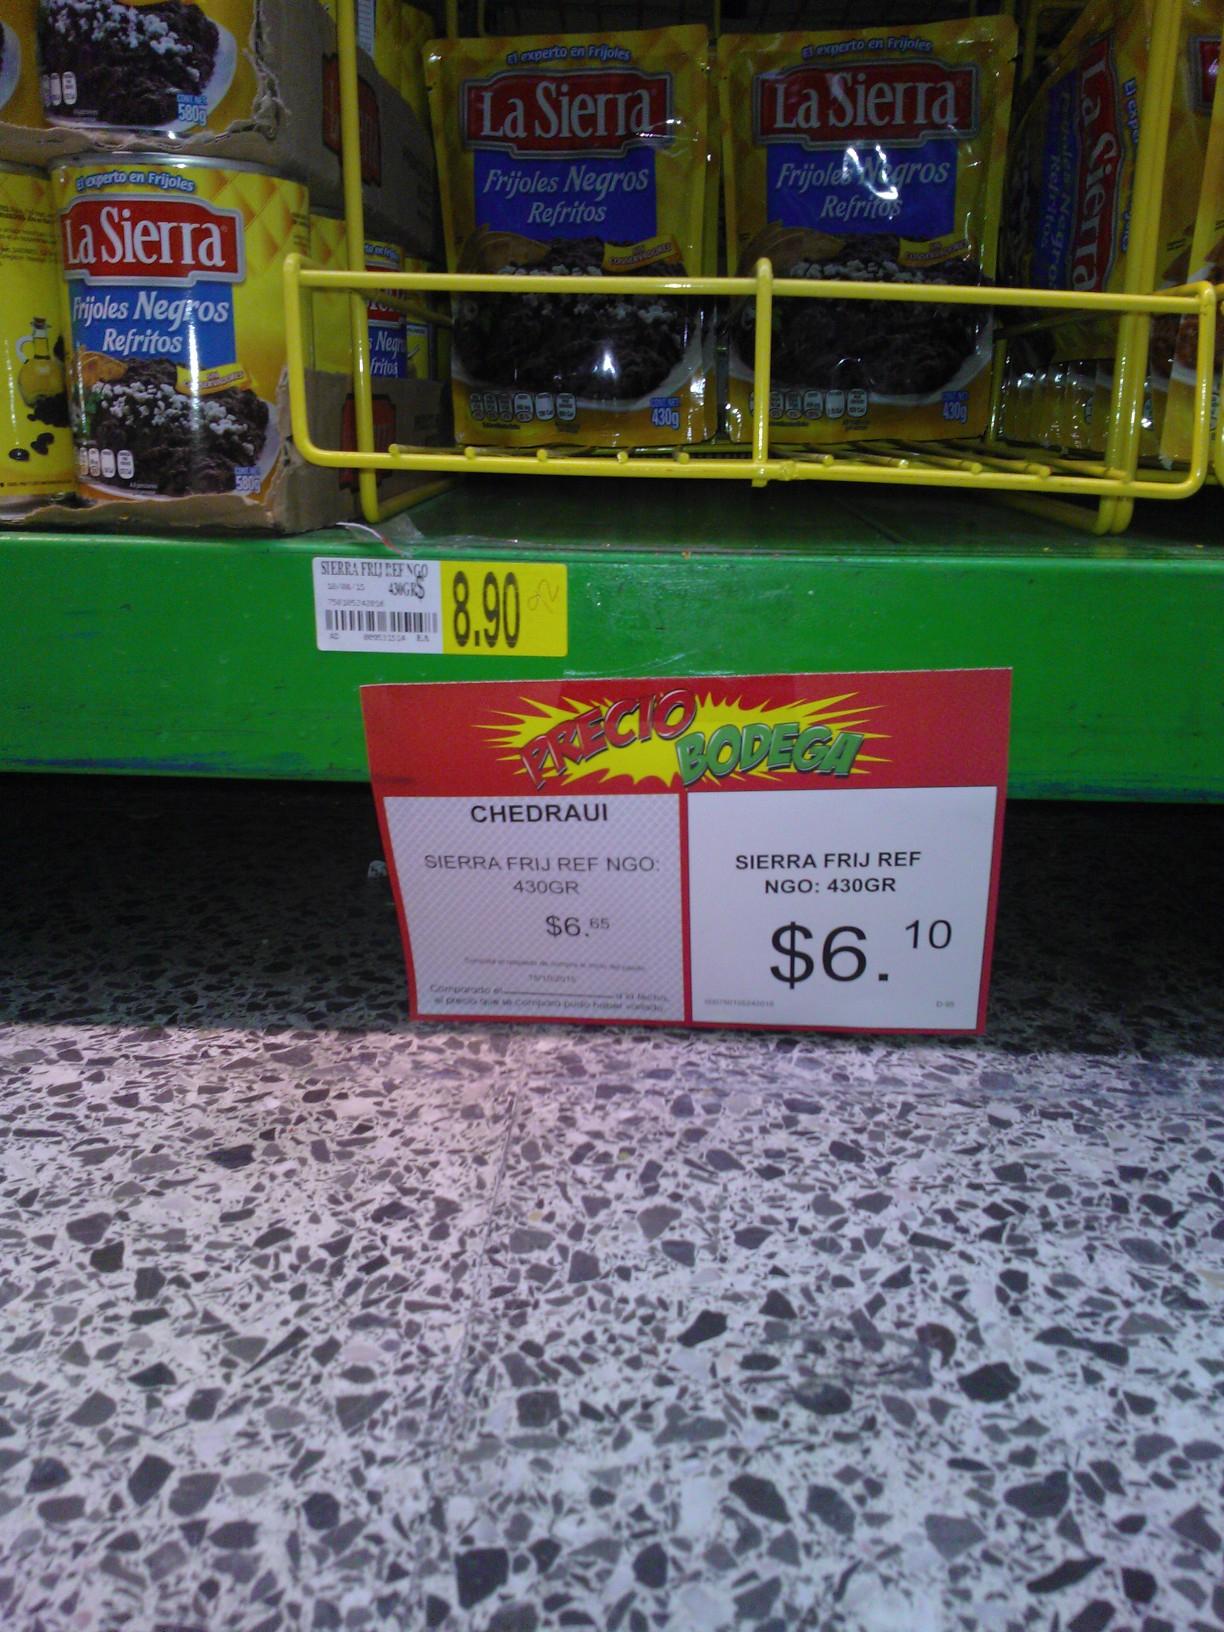 Bodega Aurrerá Puebla: Frijoles Refritos la Sierra $6.10